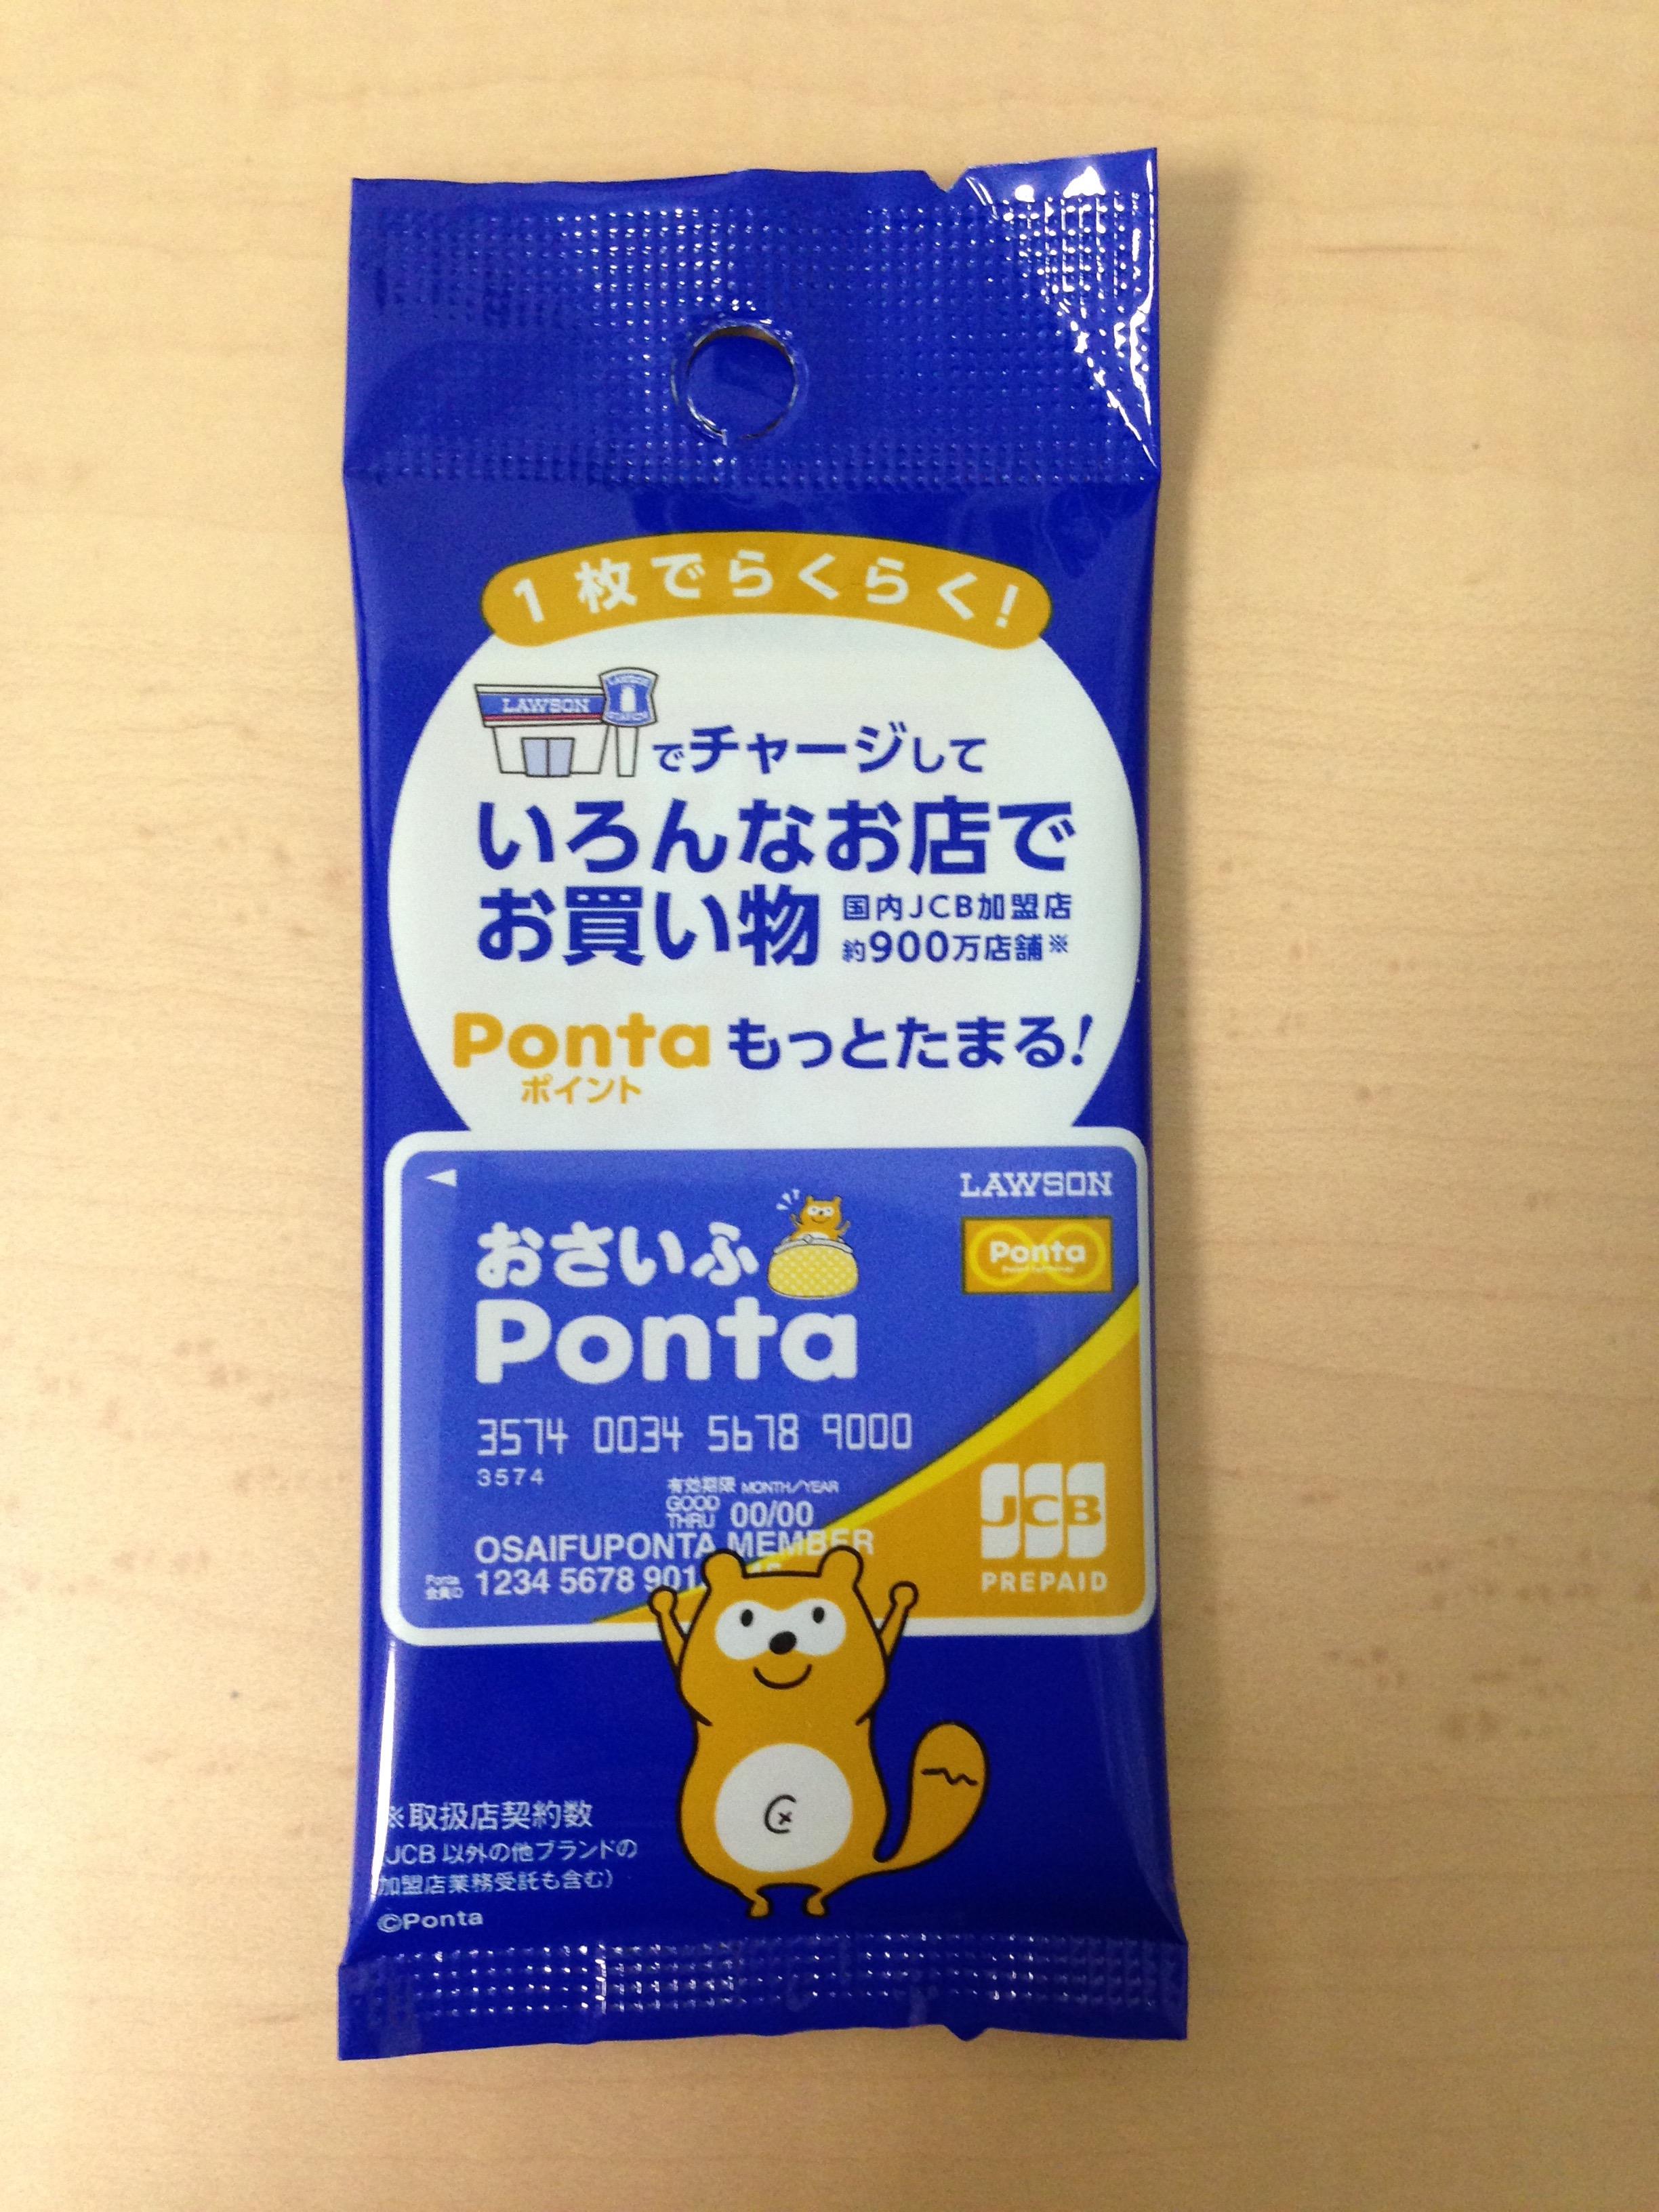 おさいふpontaは節約の味方?おさいふpontaの特徴と登録方法・使い方